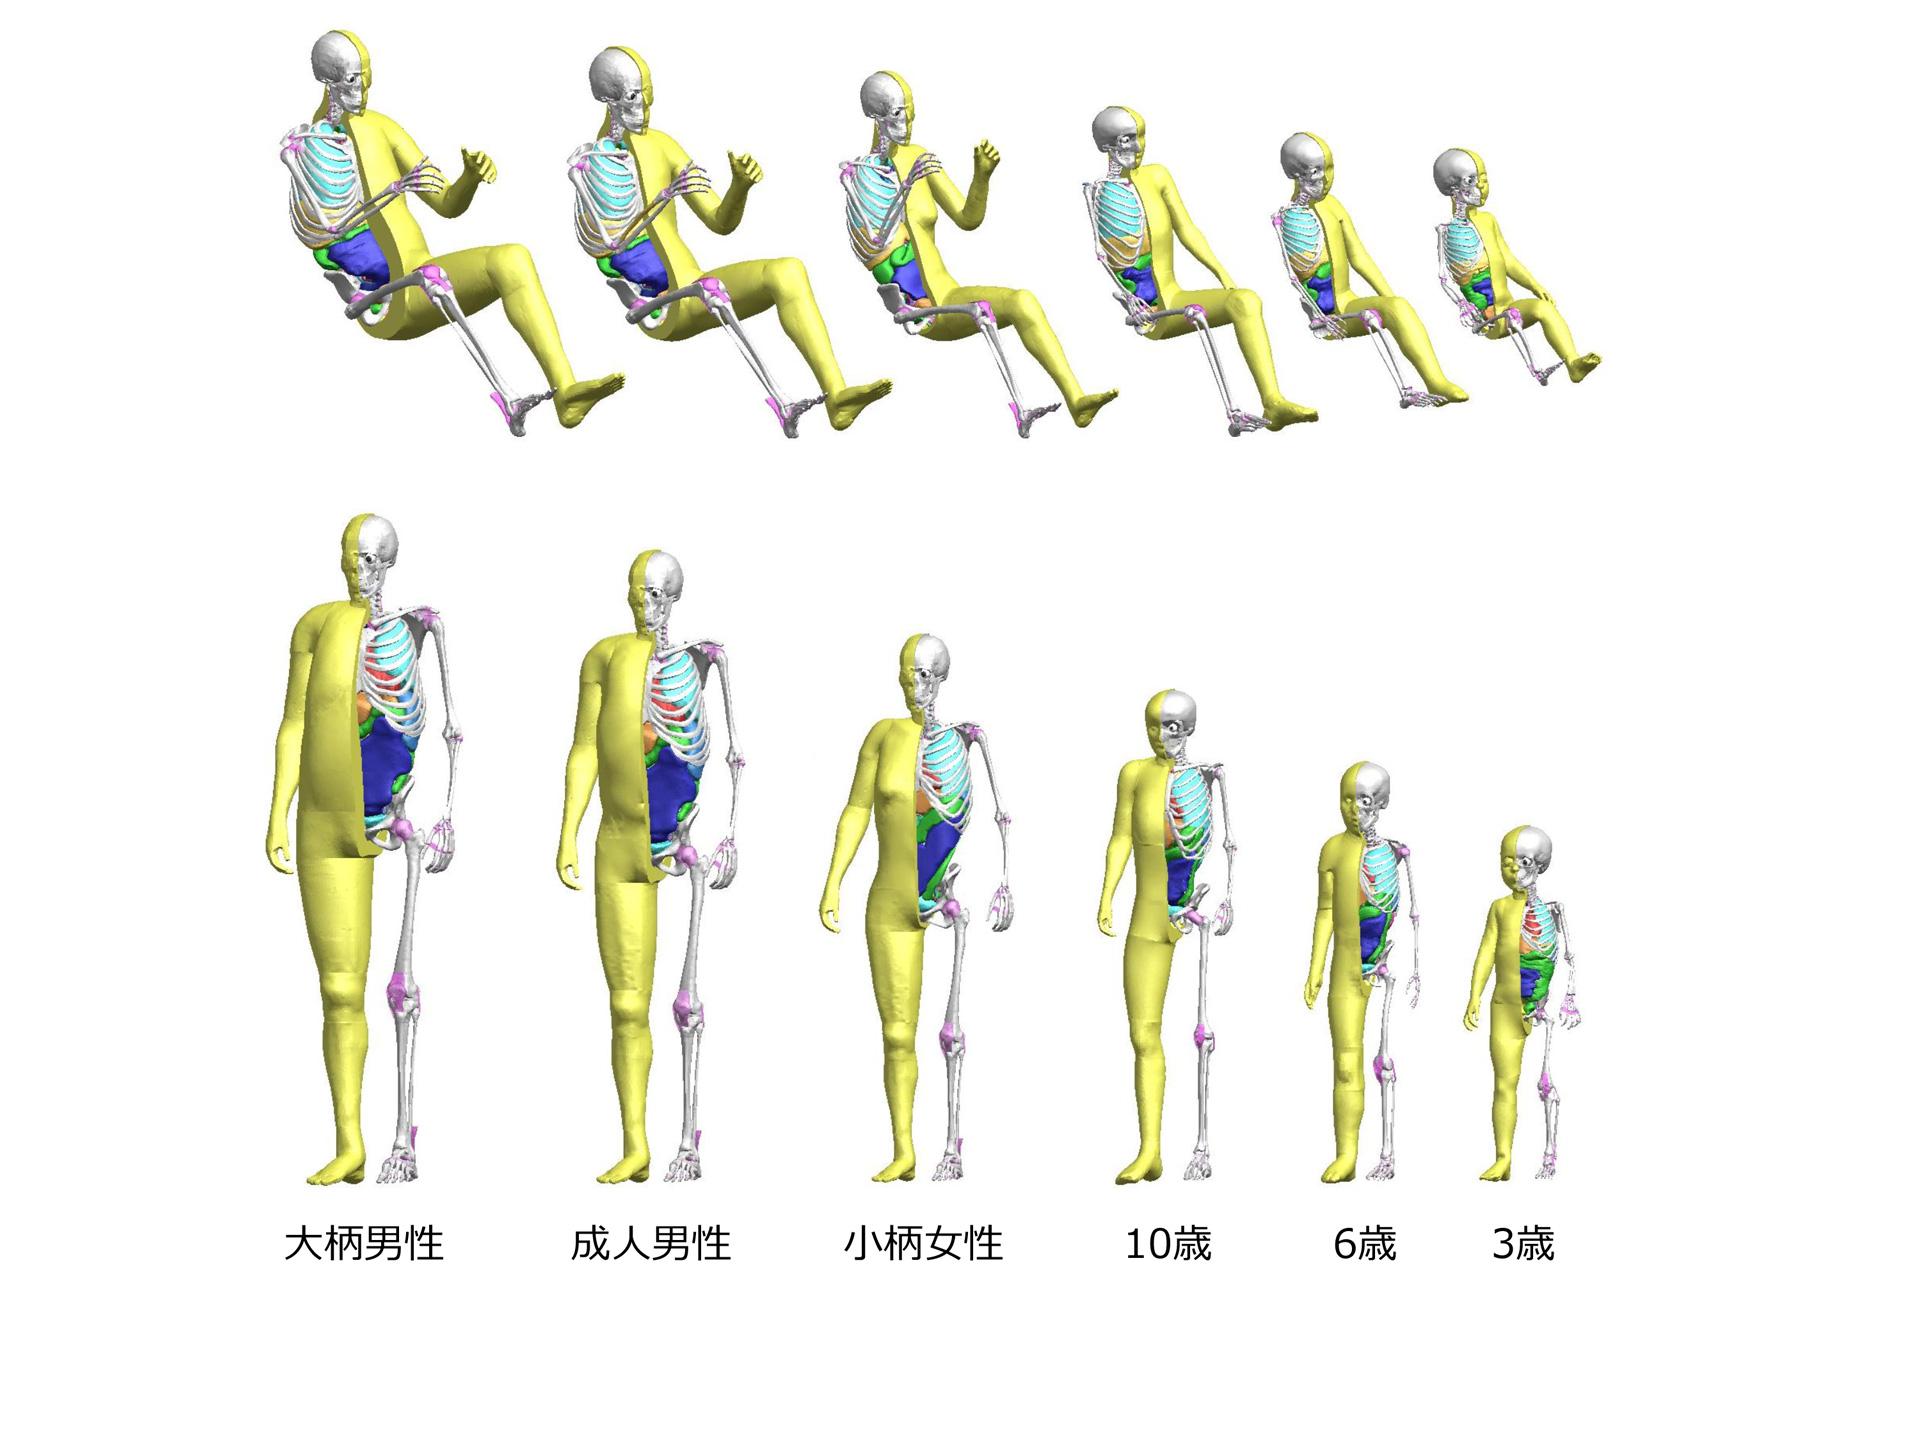 トヨタがバーチャル人体モデル thumsに 子ども モデルを追加 記事